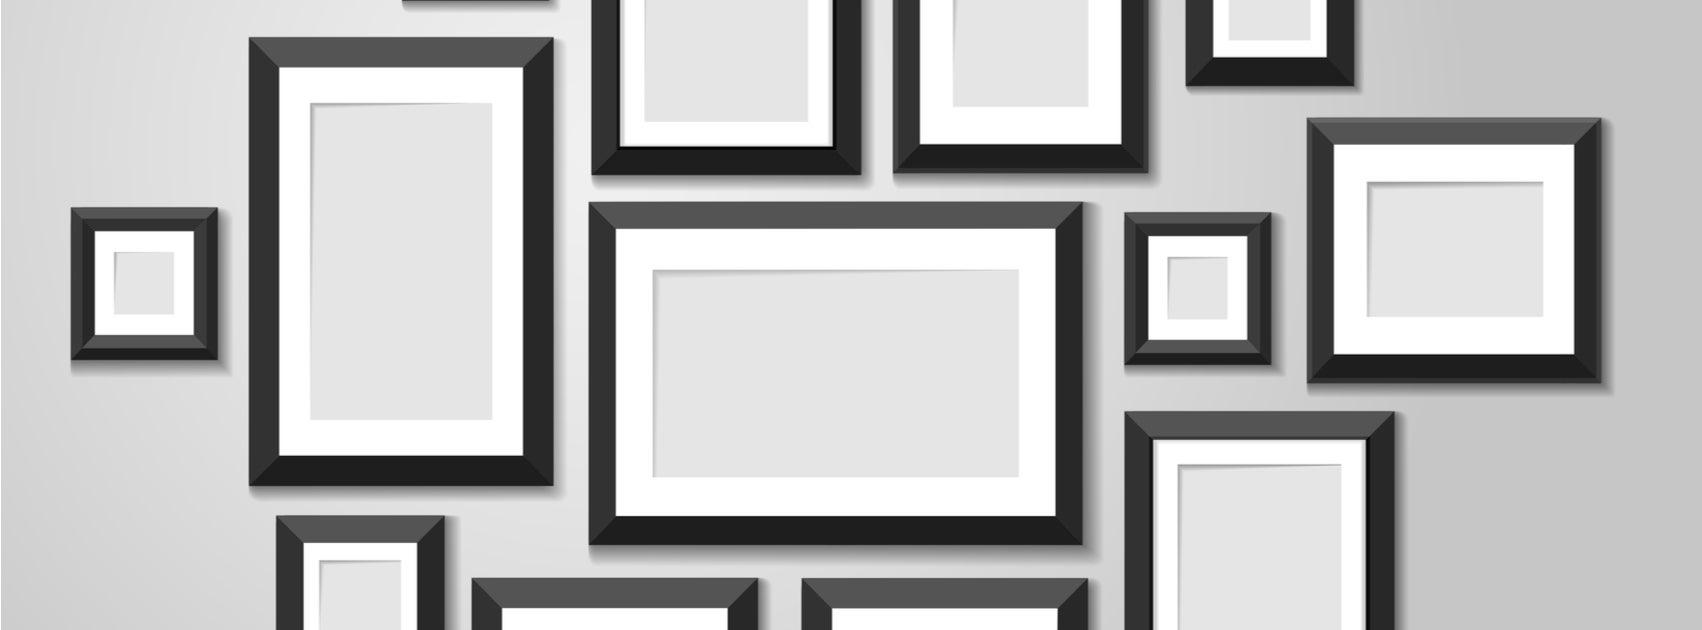 Cómo elegir un cuadro para mi pared